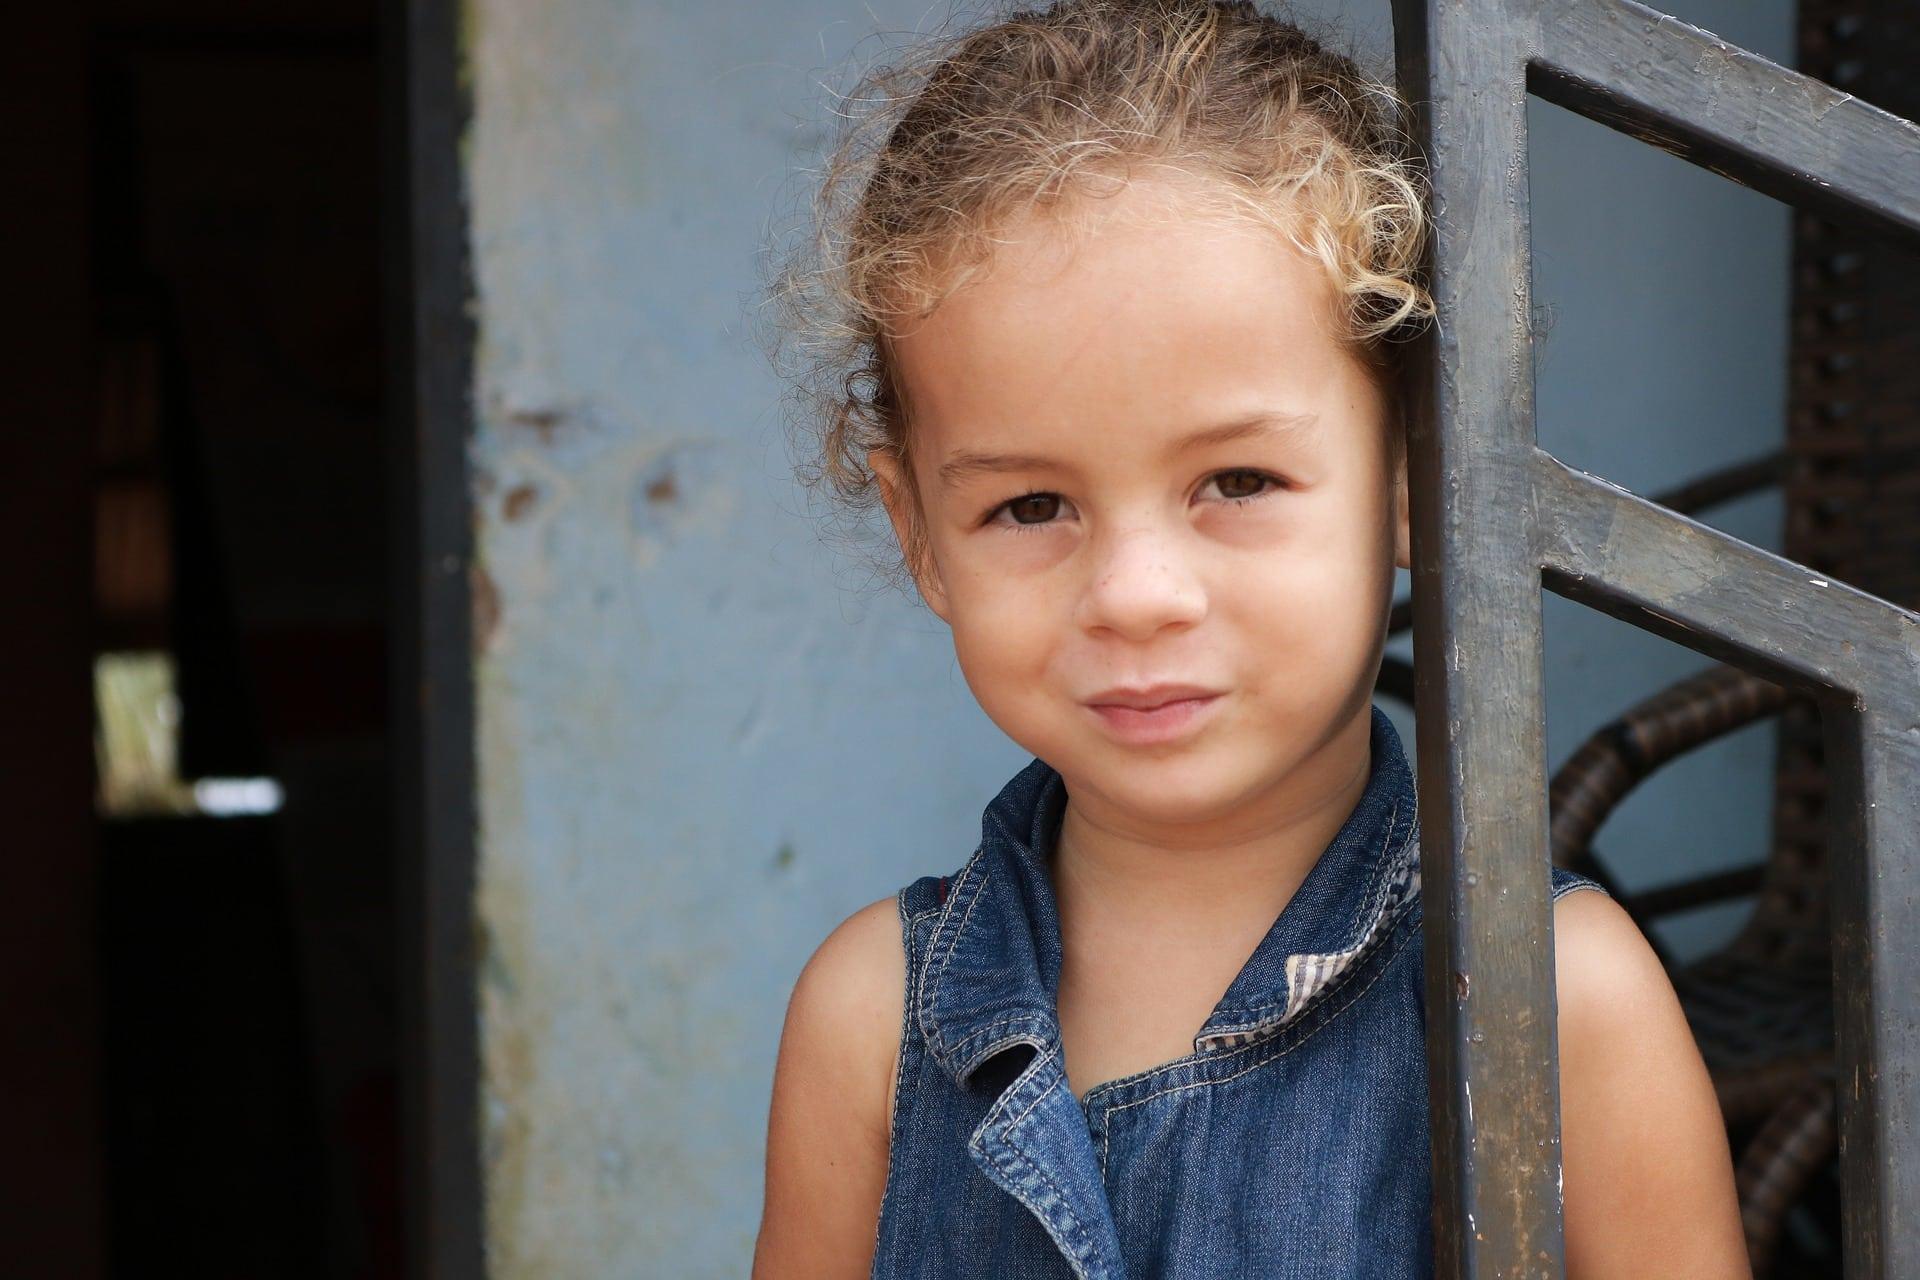 Volontariato internazionale in Brasile per attività ricreative con bambini e giovani con ICYE